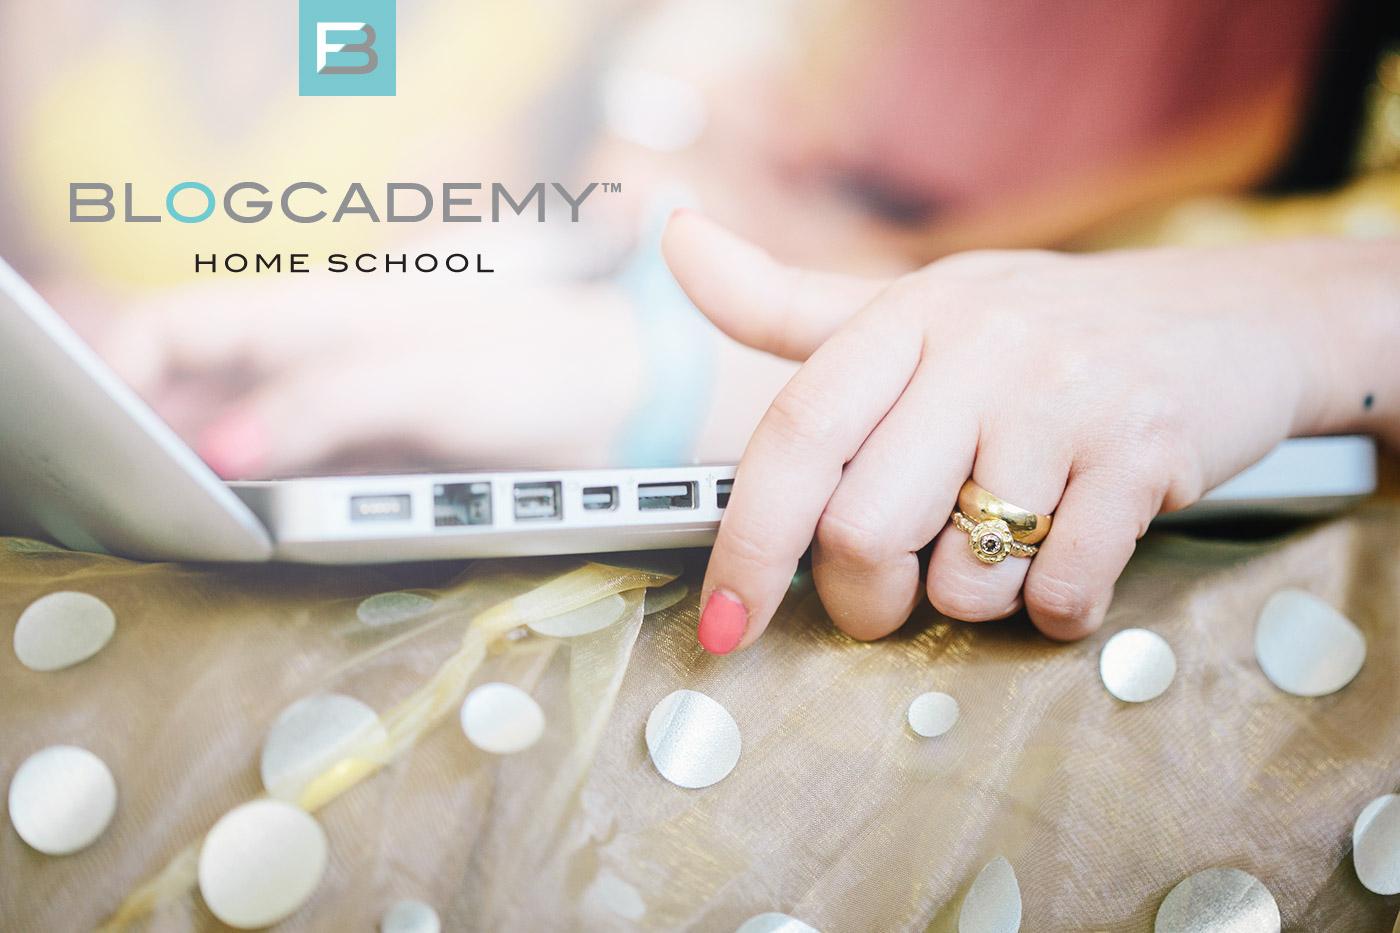 blogcademy_blog_homeschool_2